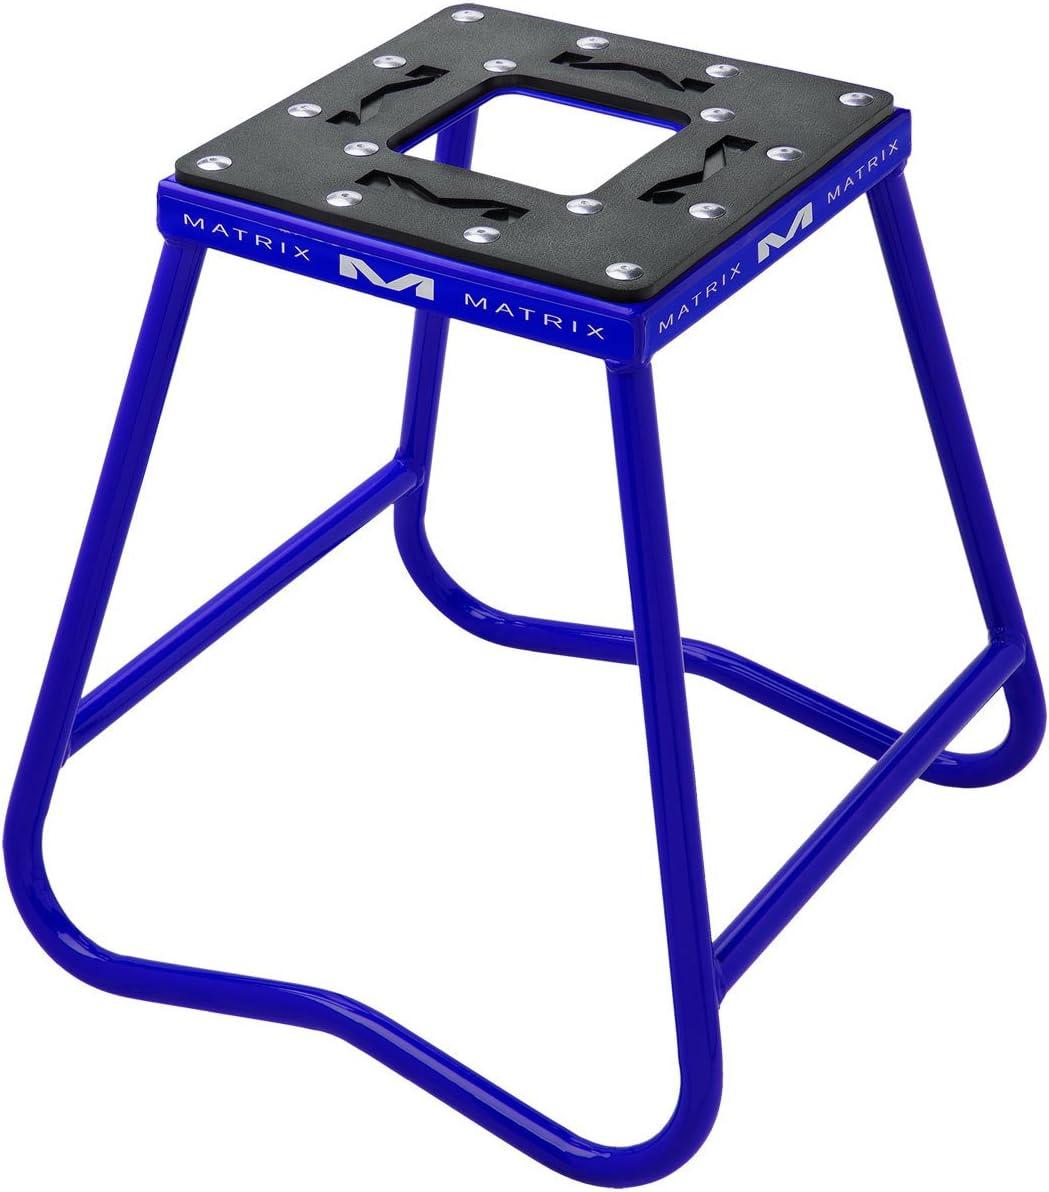 Matrix Concepts C1 Carbon Steel Stand Blue